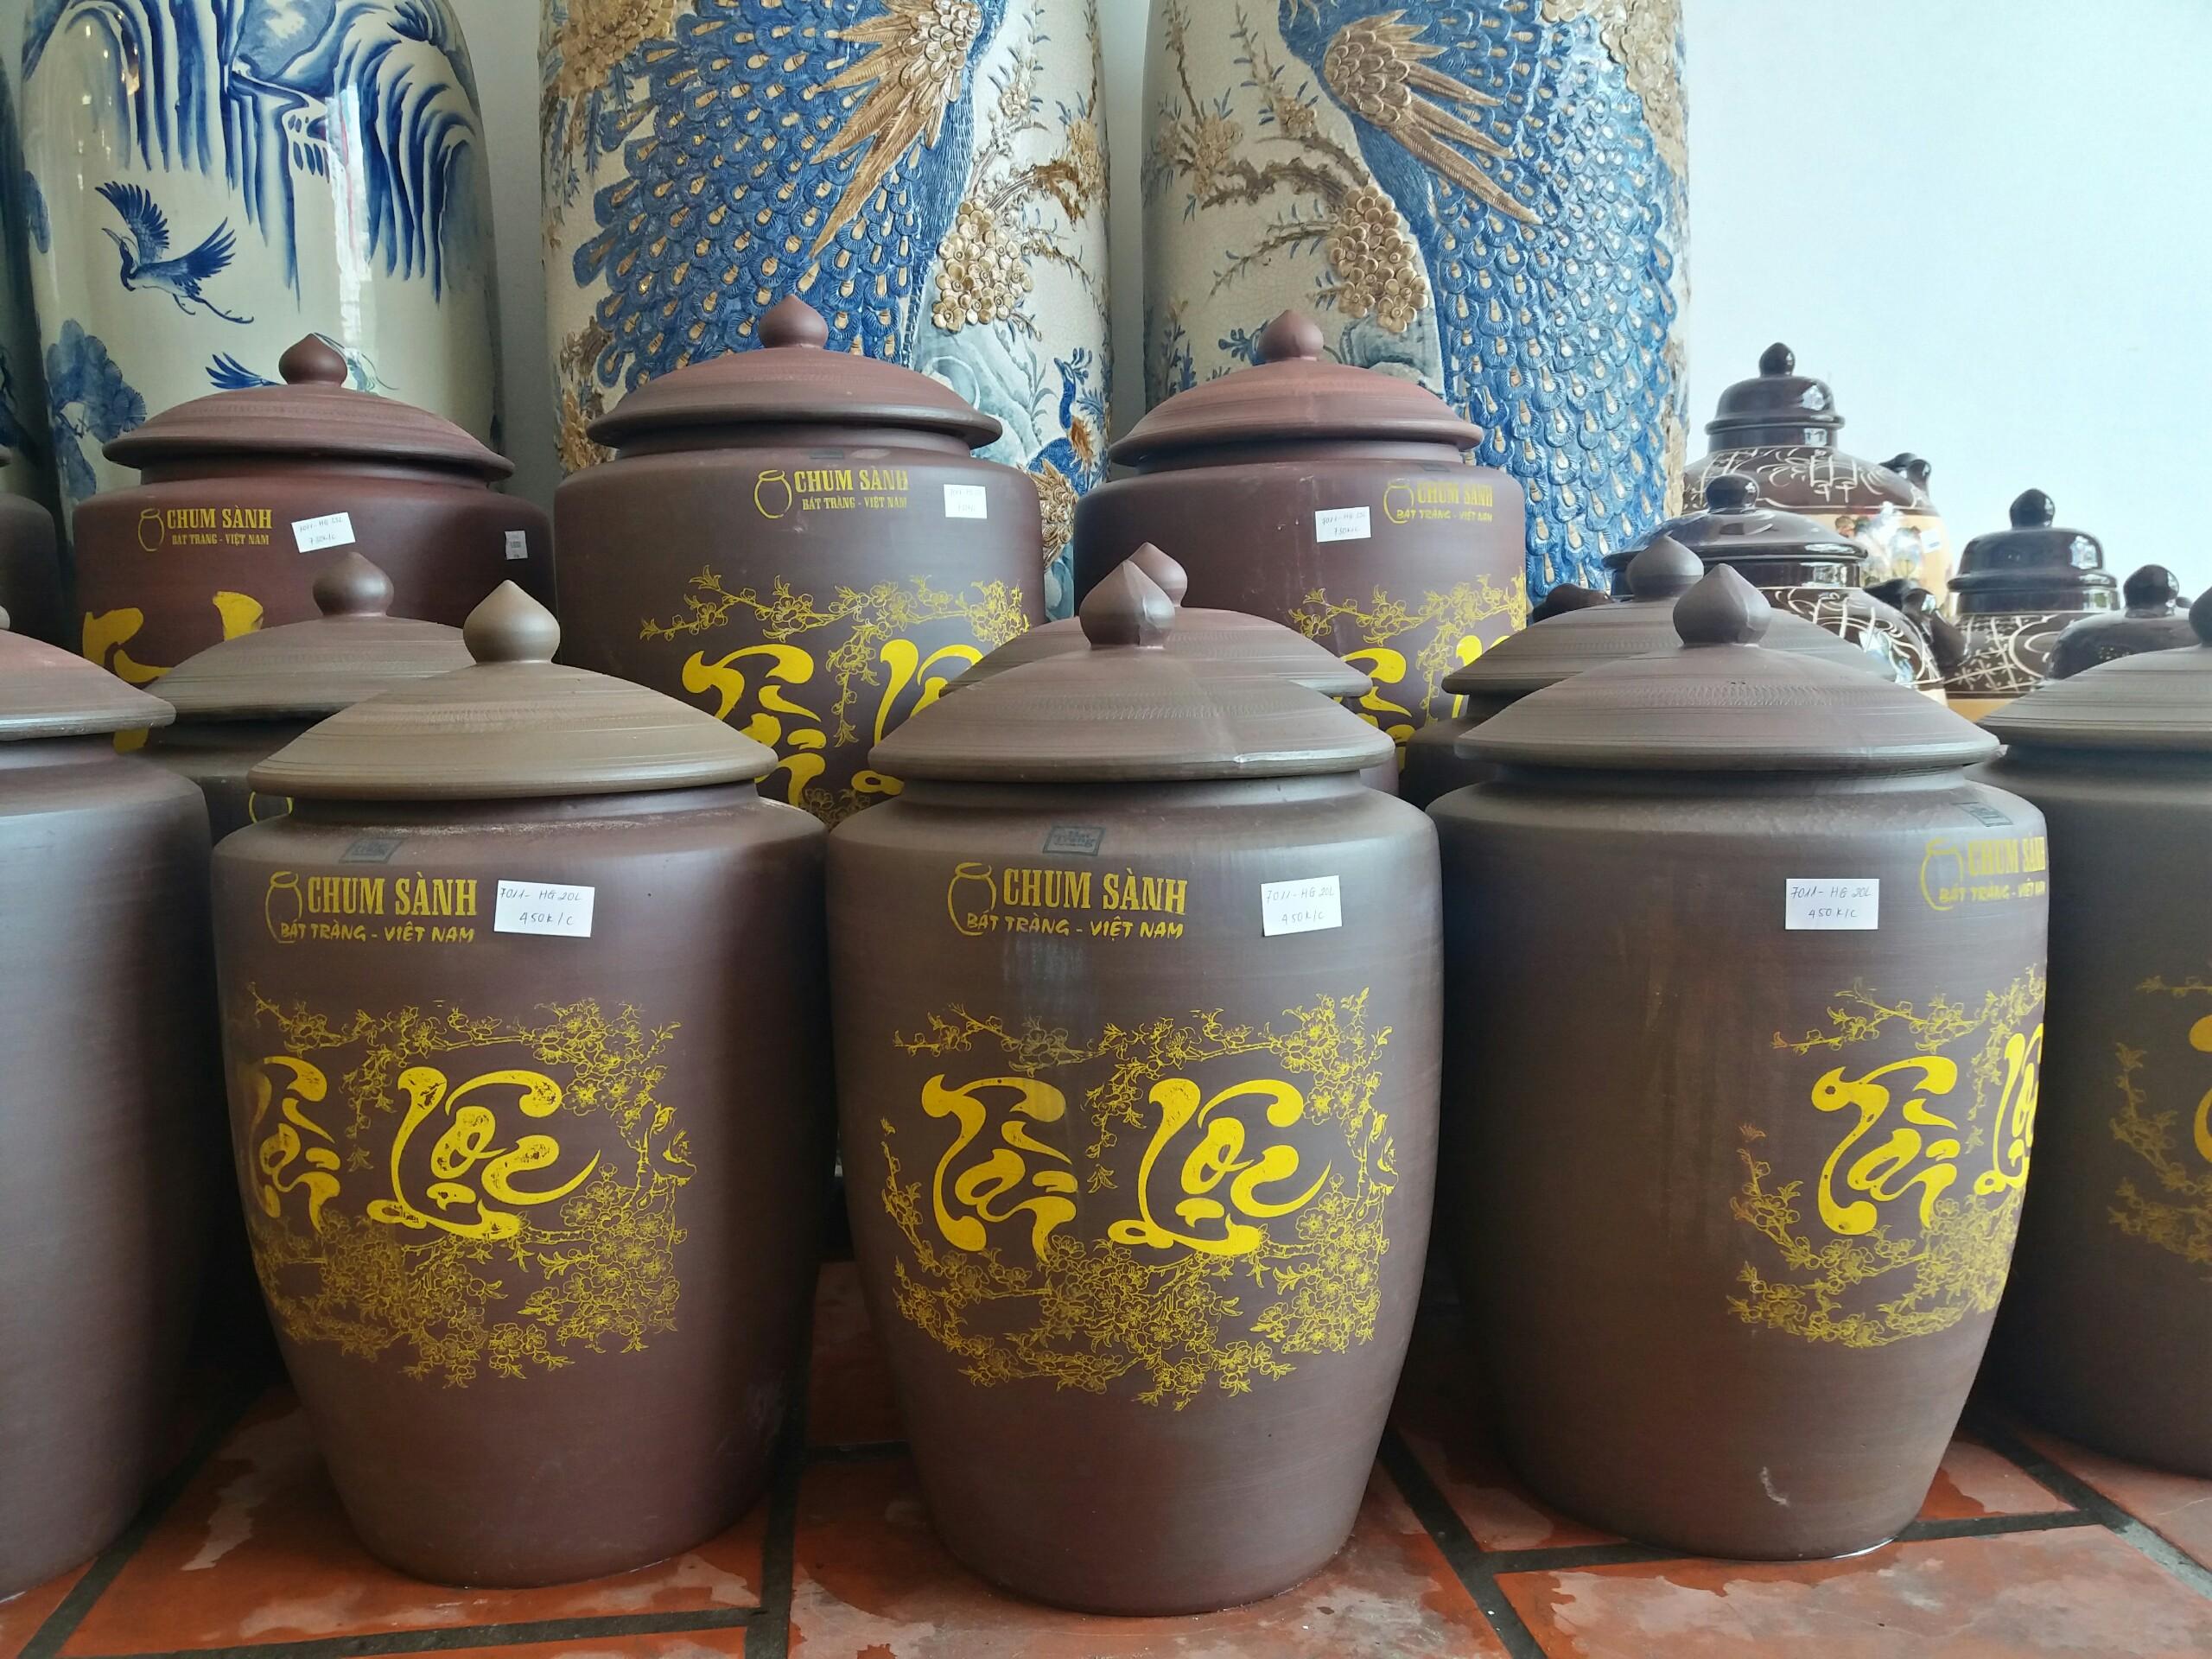 Chọn hũ đựng gạo bằng gì để đảm bảo tiền vô như nước mà vận may luôn đến